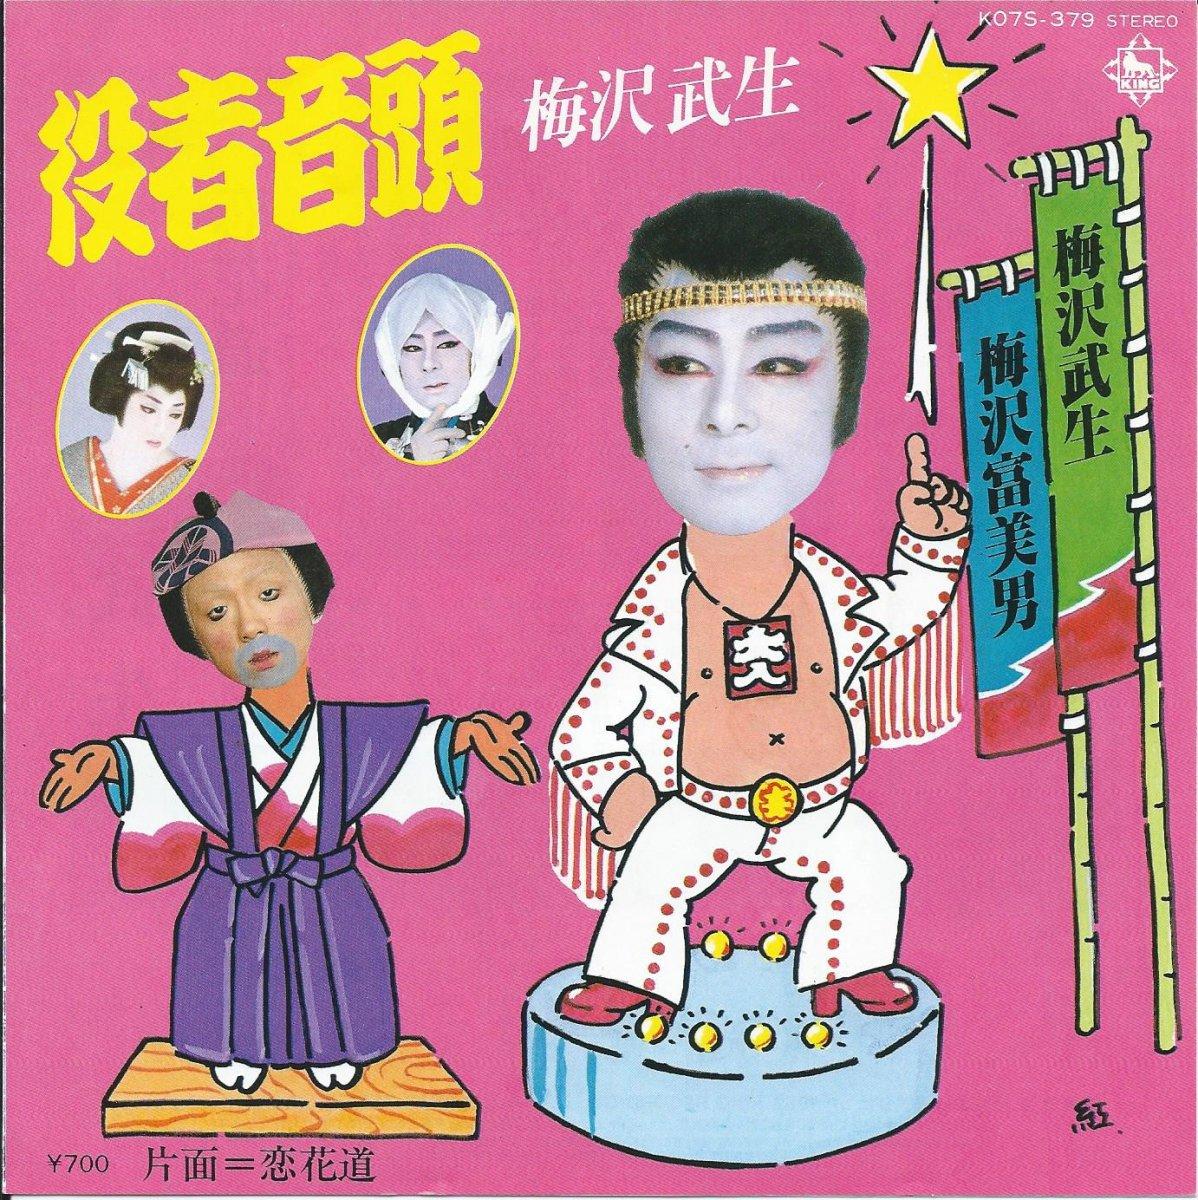 梅沢武生 TAKEO UMEZAWA / 梅沢富美男 TOMIO UMEZAWA / 恋花道 / 役者音頭 (7